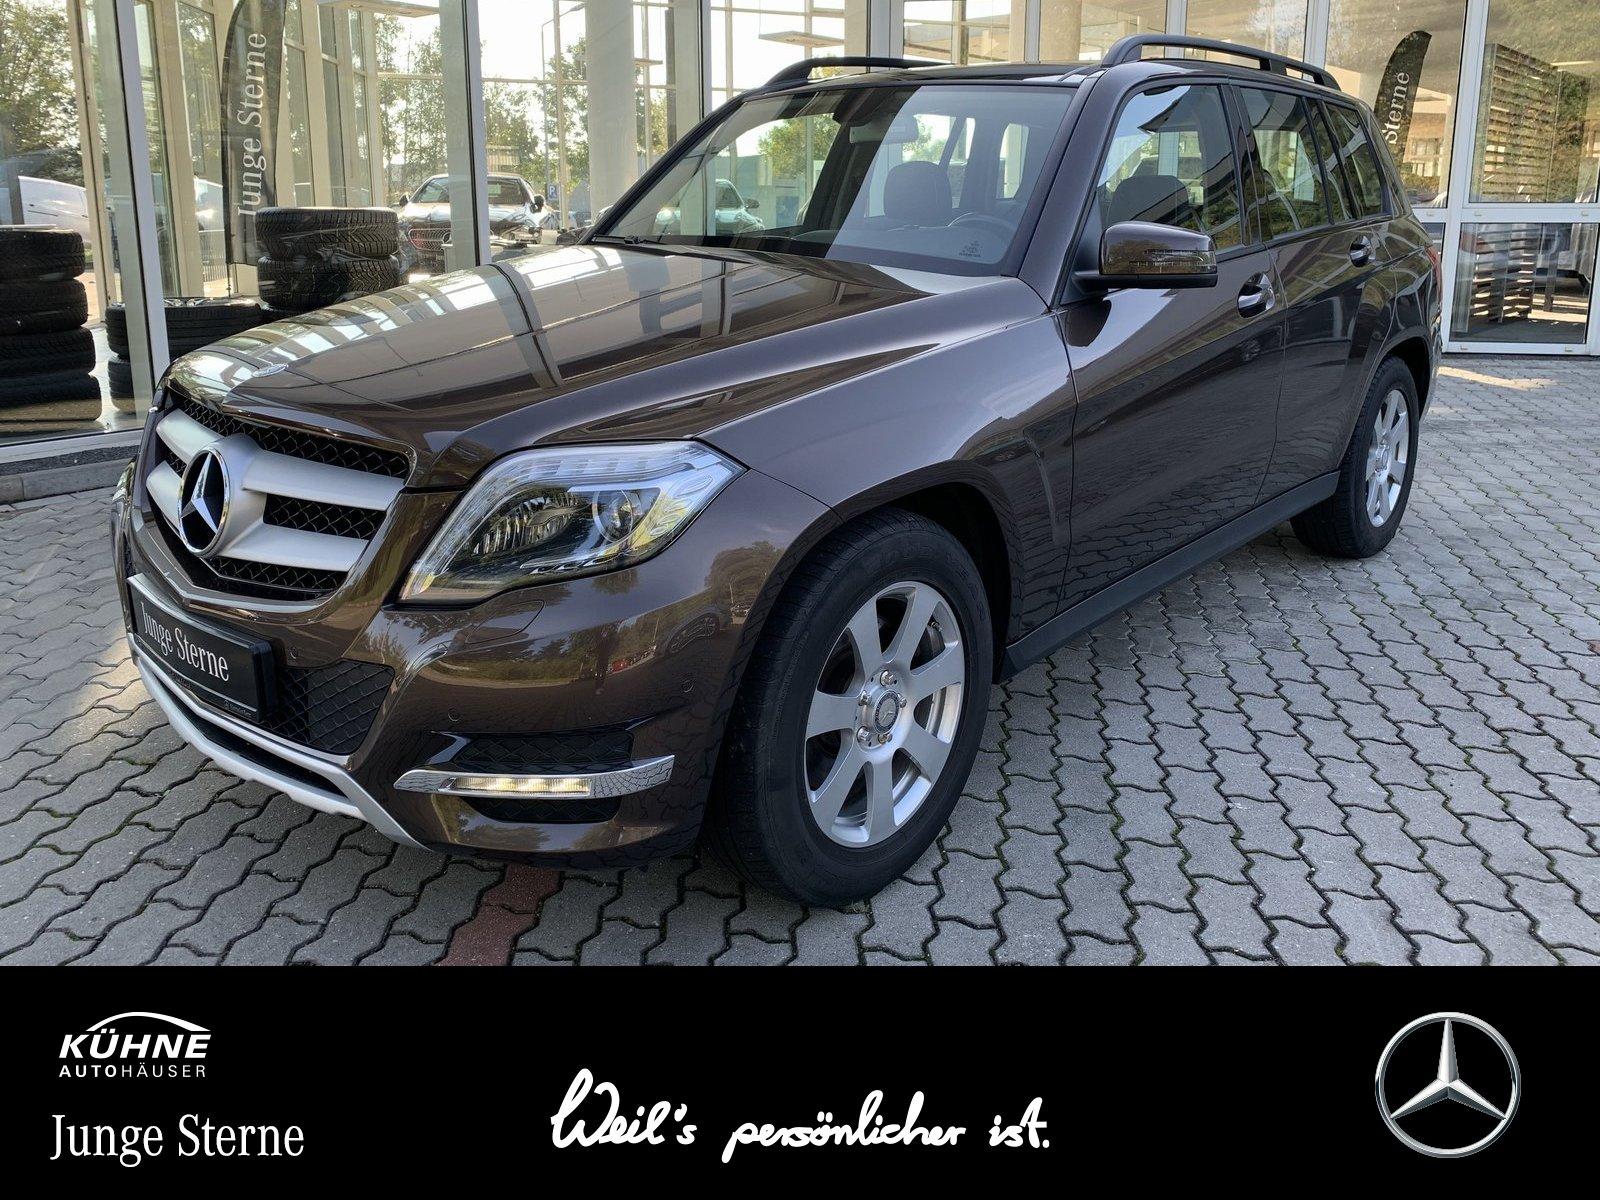 Mercedes-Benz GLK 220 CDI BT 4M 7G+Pano+Premiumpaket+LED+AHZV, Jahr 2015, Diesel